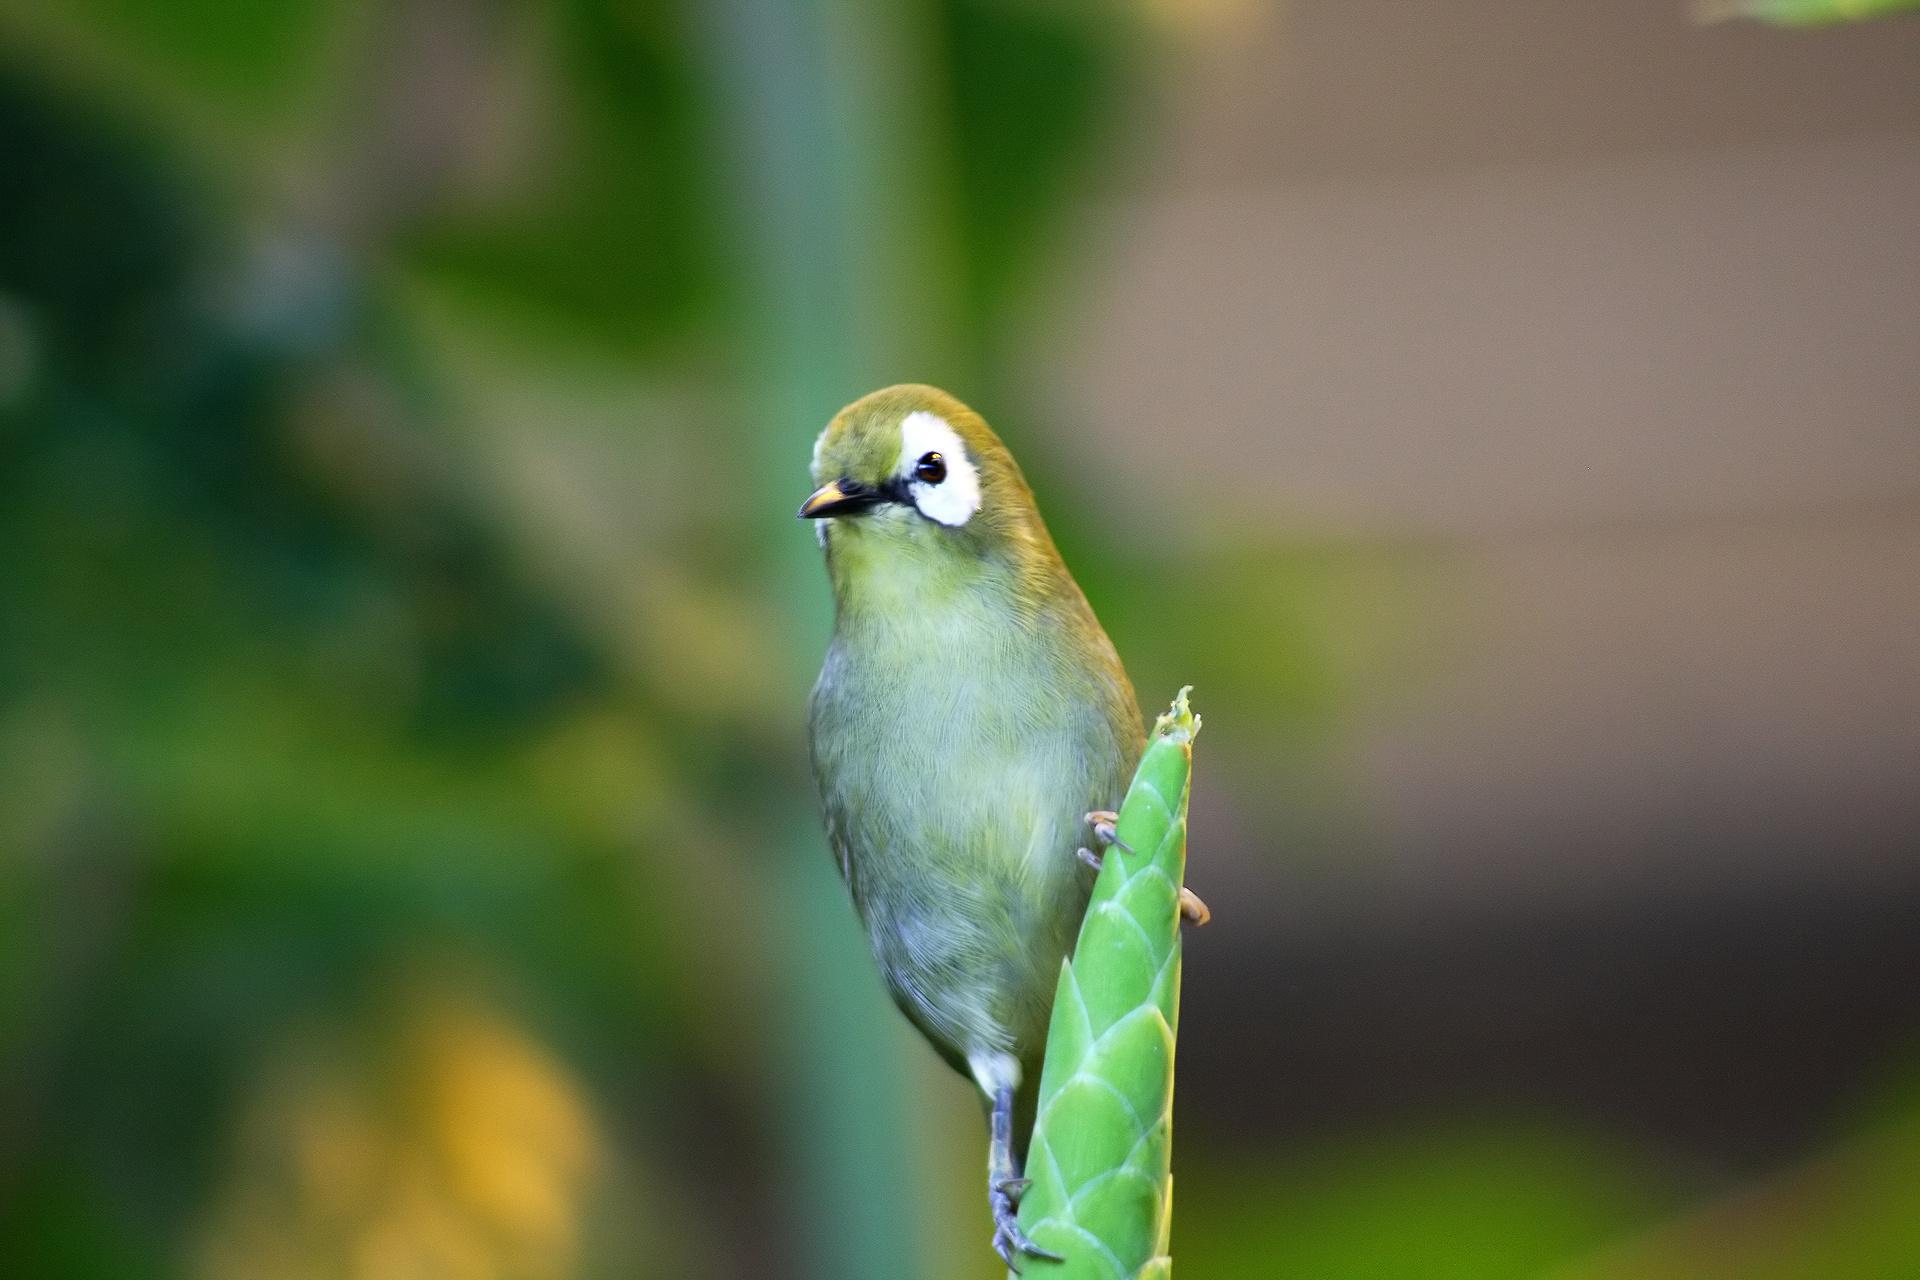 Fonds D'écran Gratuits: Oiseaux Exotiques avec Images D Oiseaux Gratuites